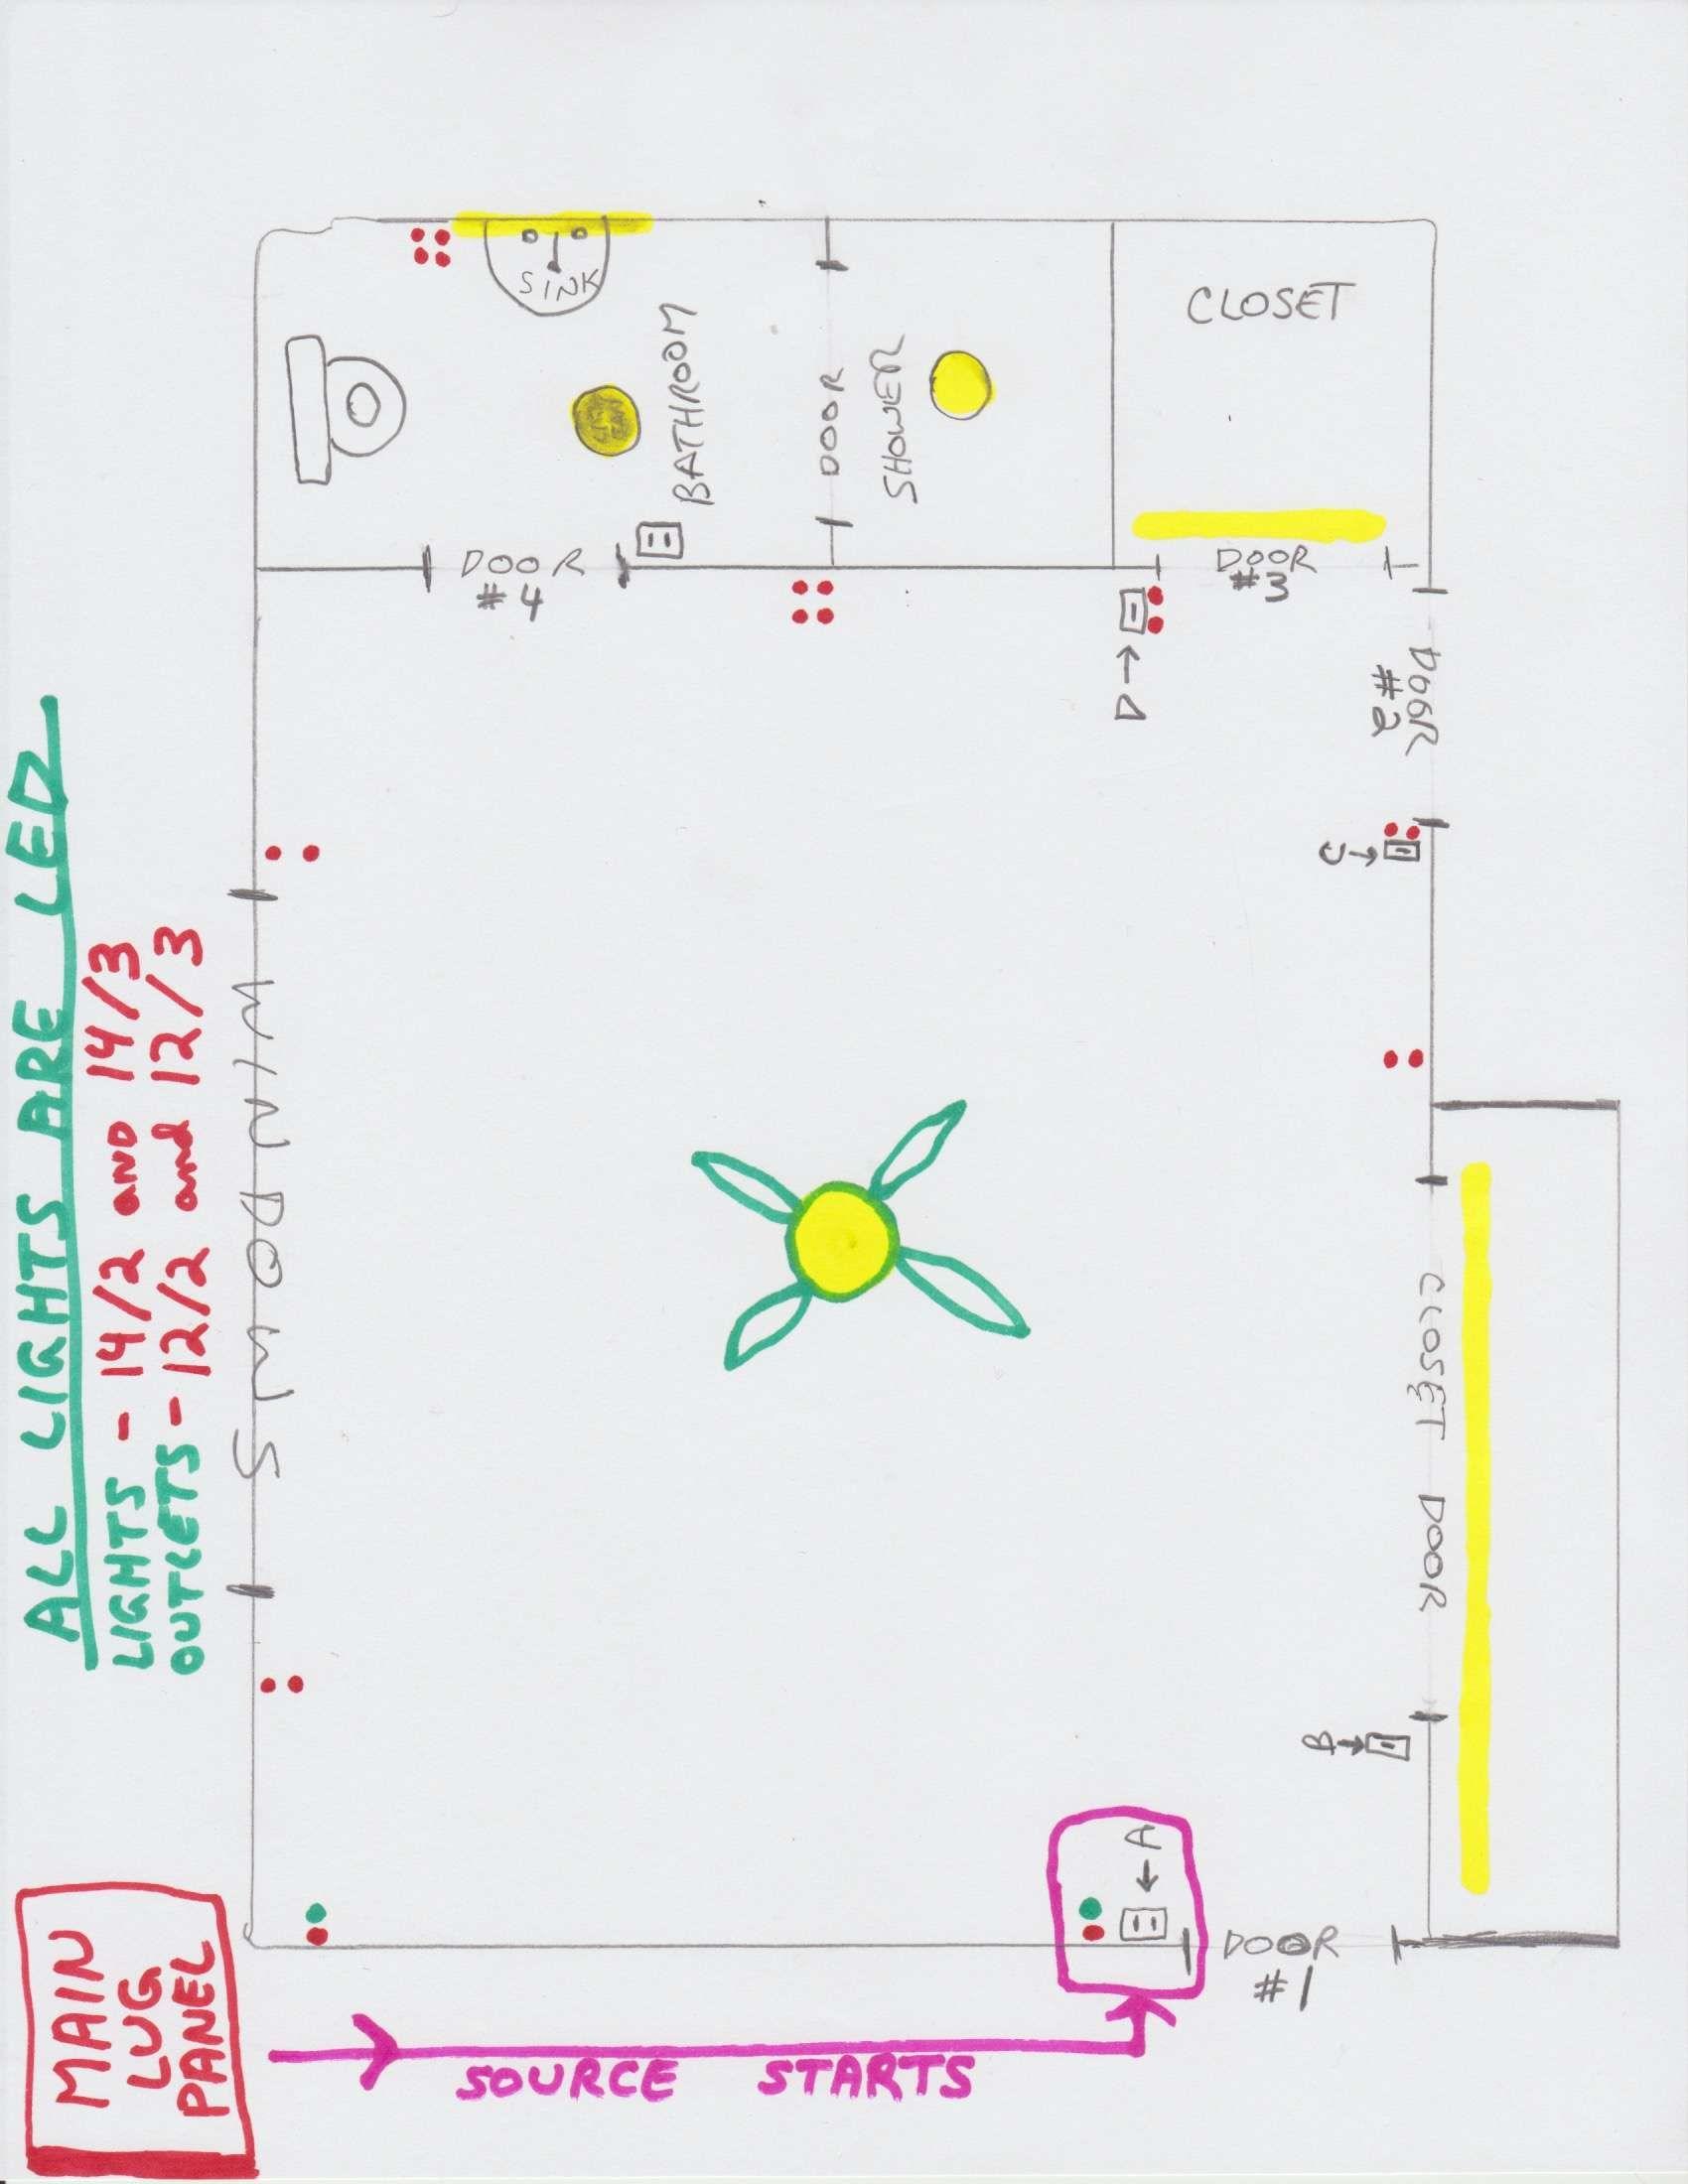 Wiring Diagram Bathroom House wiring, Ceiling fan pull